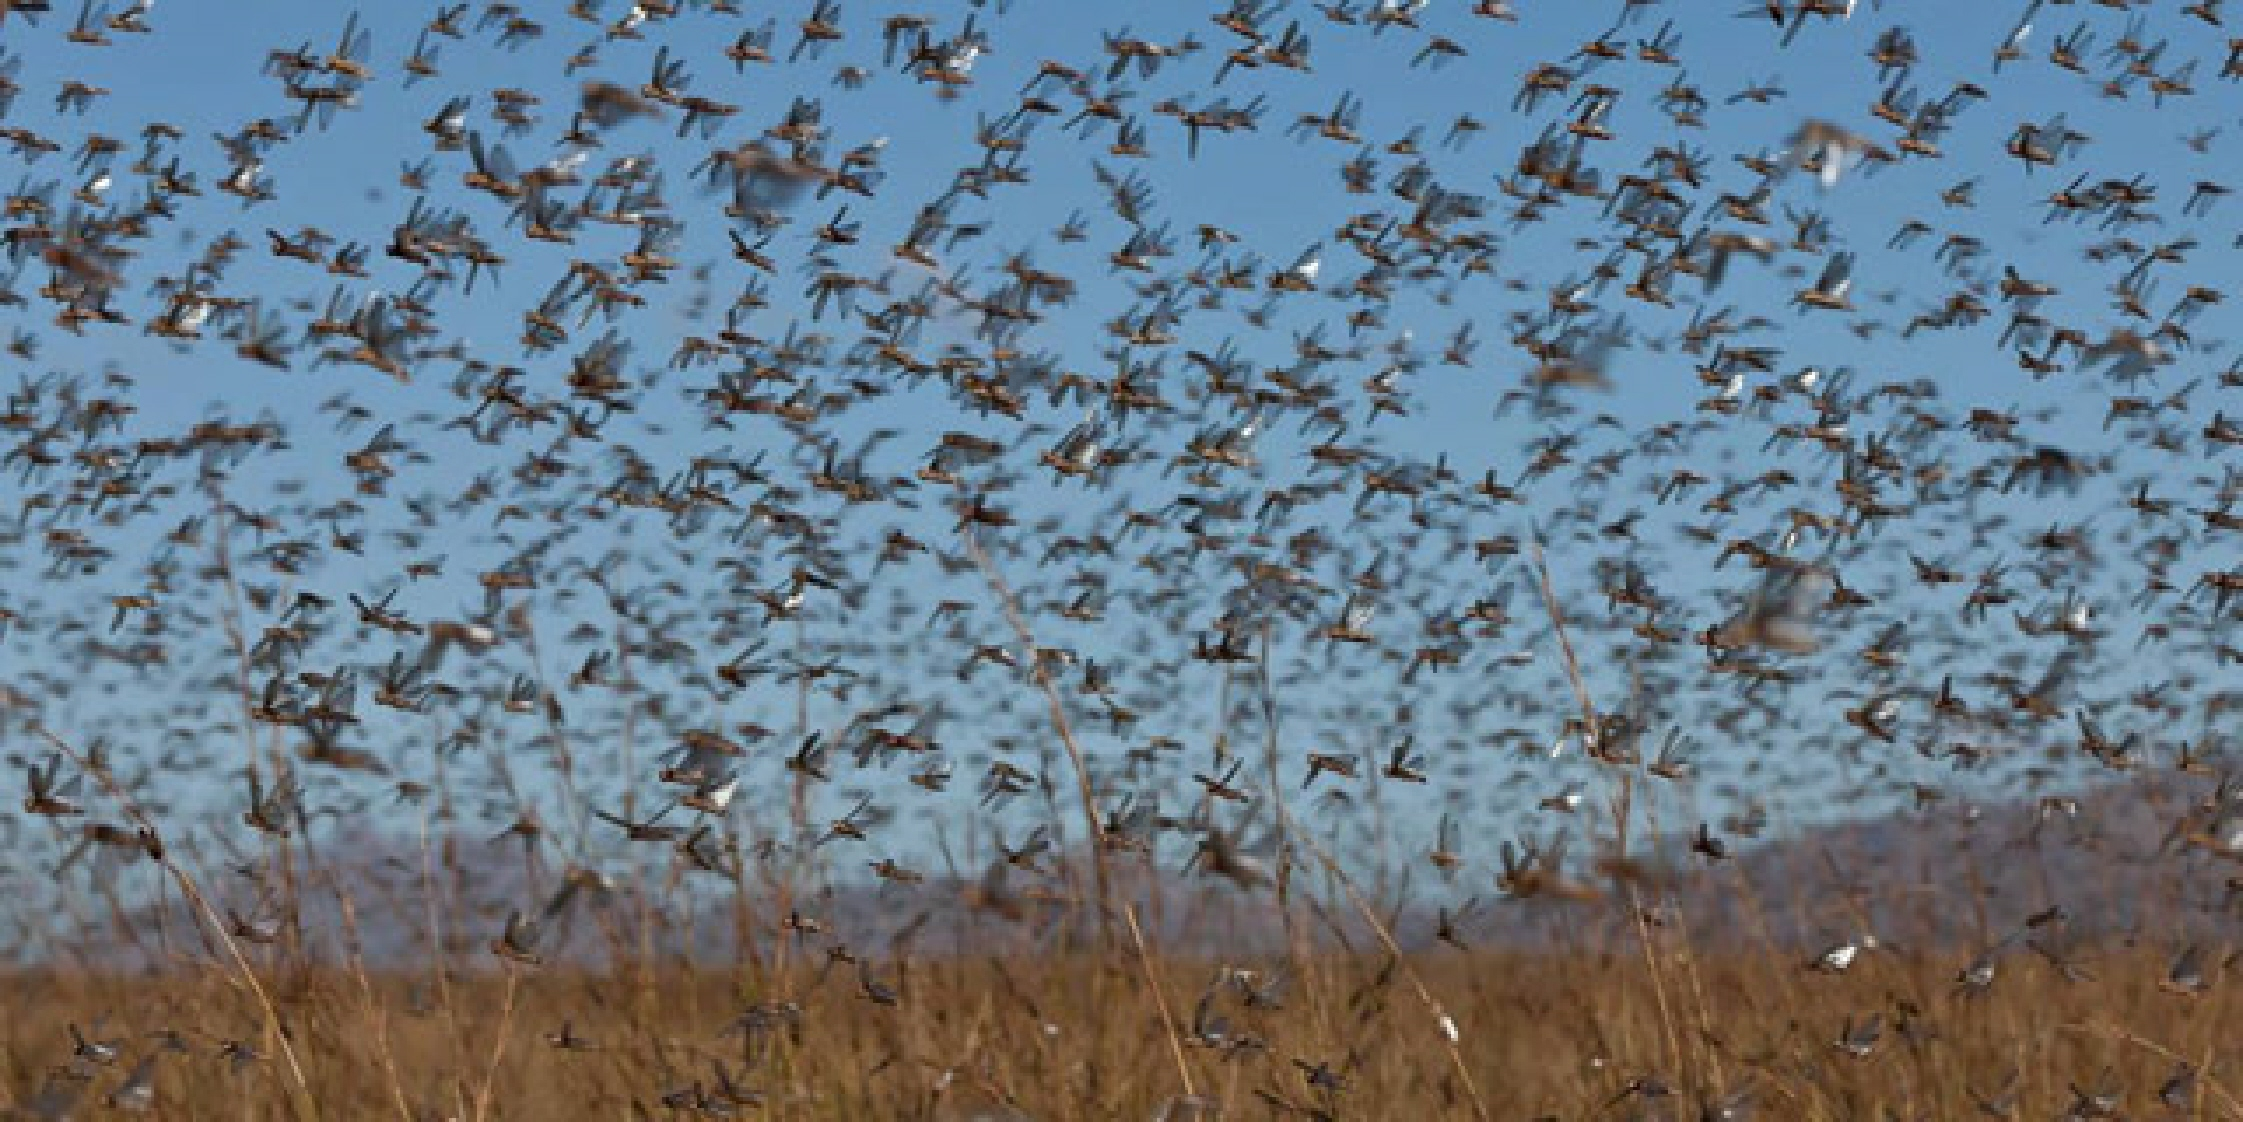 swarm-of-locusts-1 in the dessert